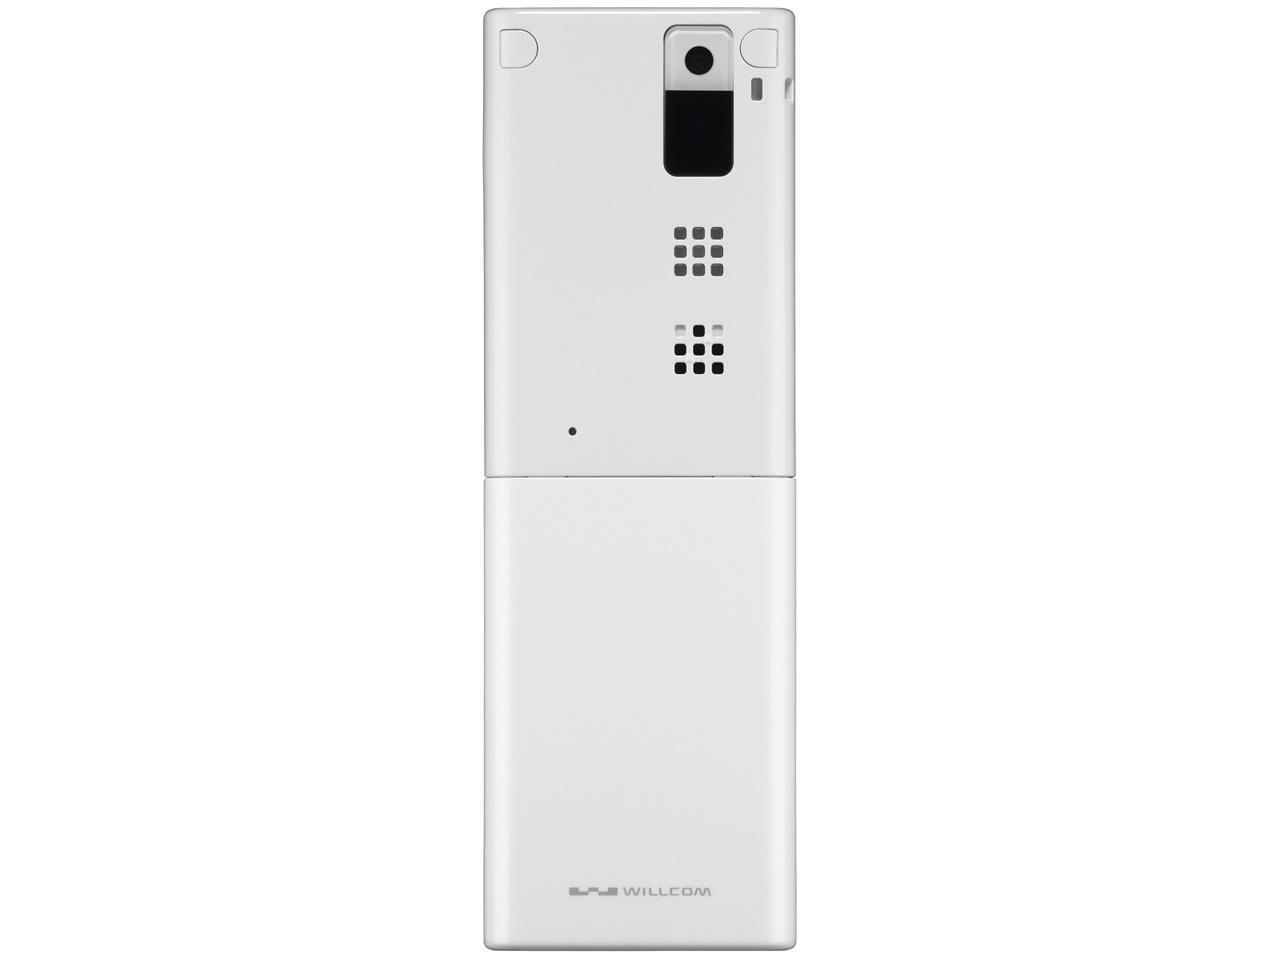 『本体 背面』 HONEY BEE 5 WX07K [ホワイト&ホワイト] の製品画像